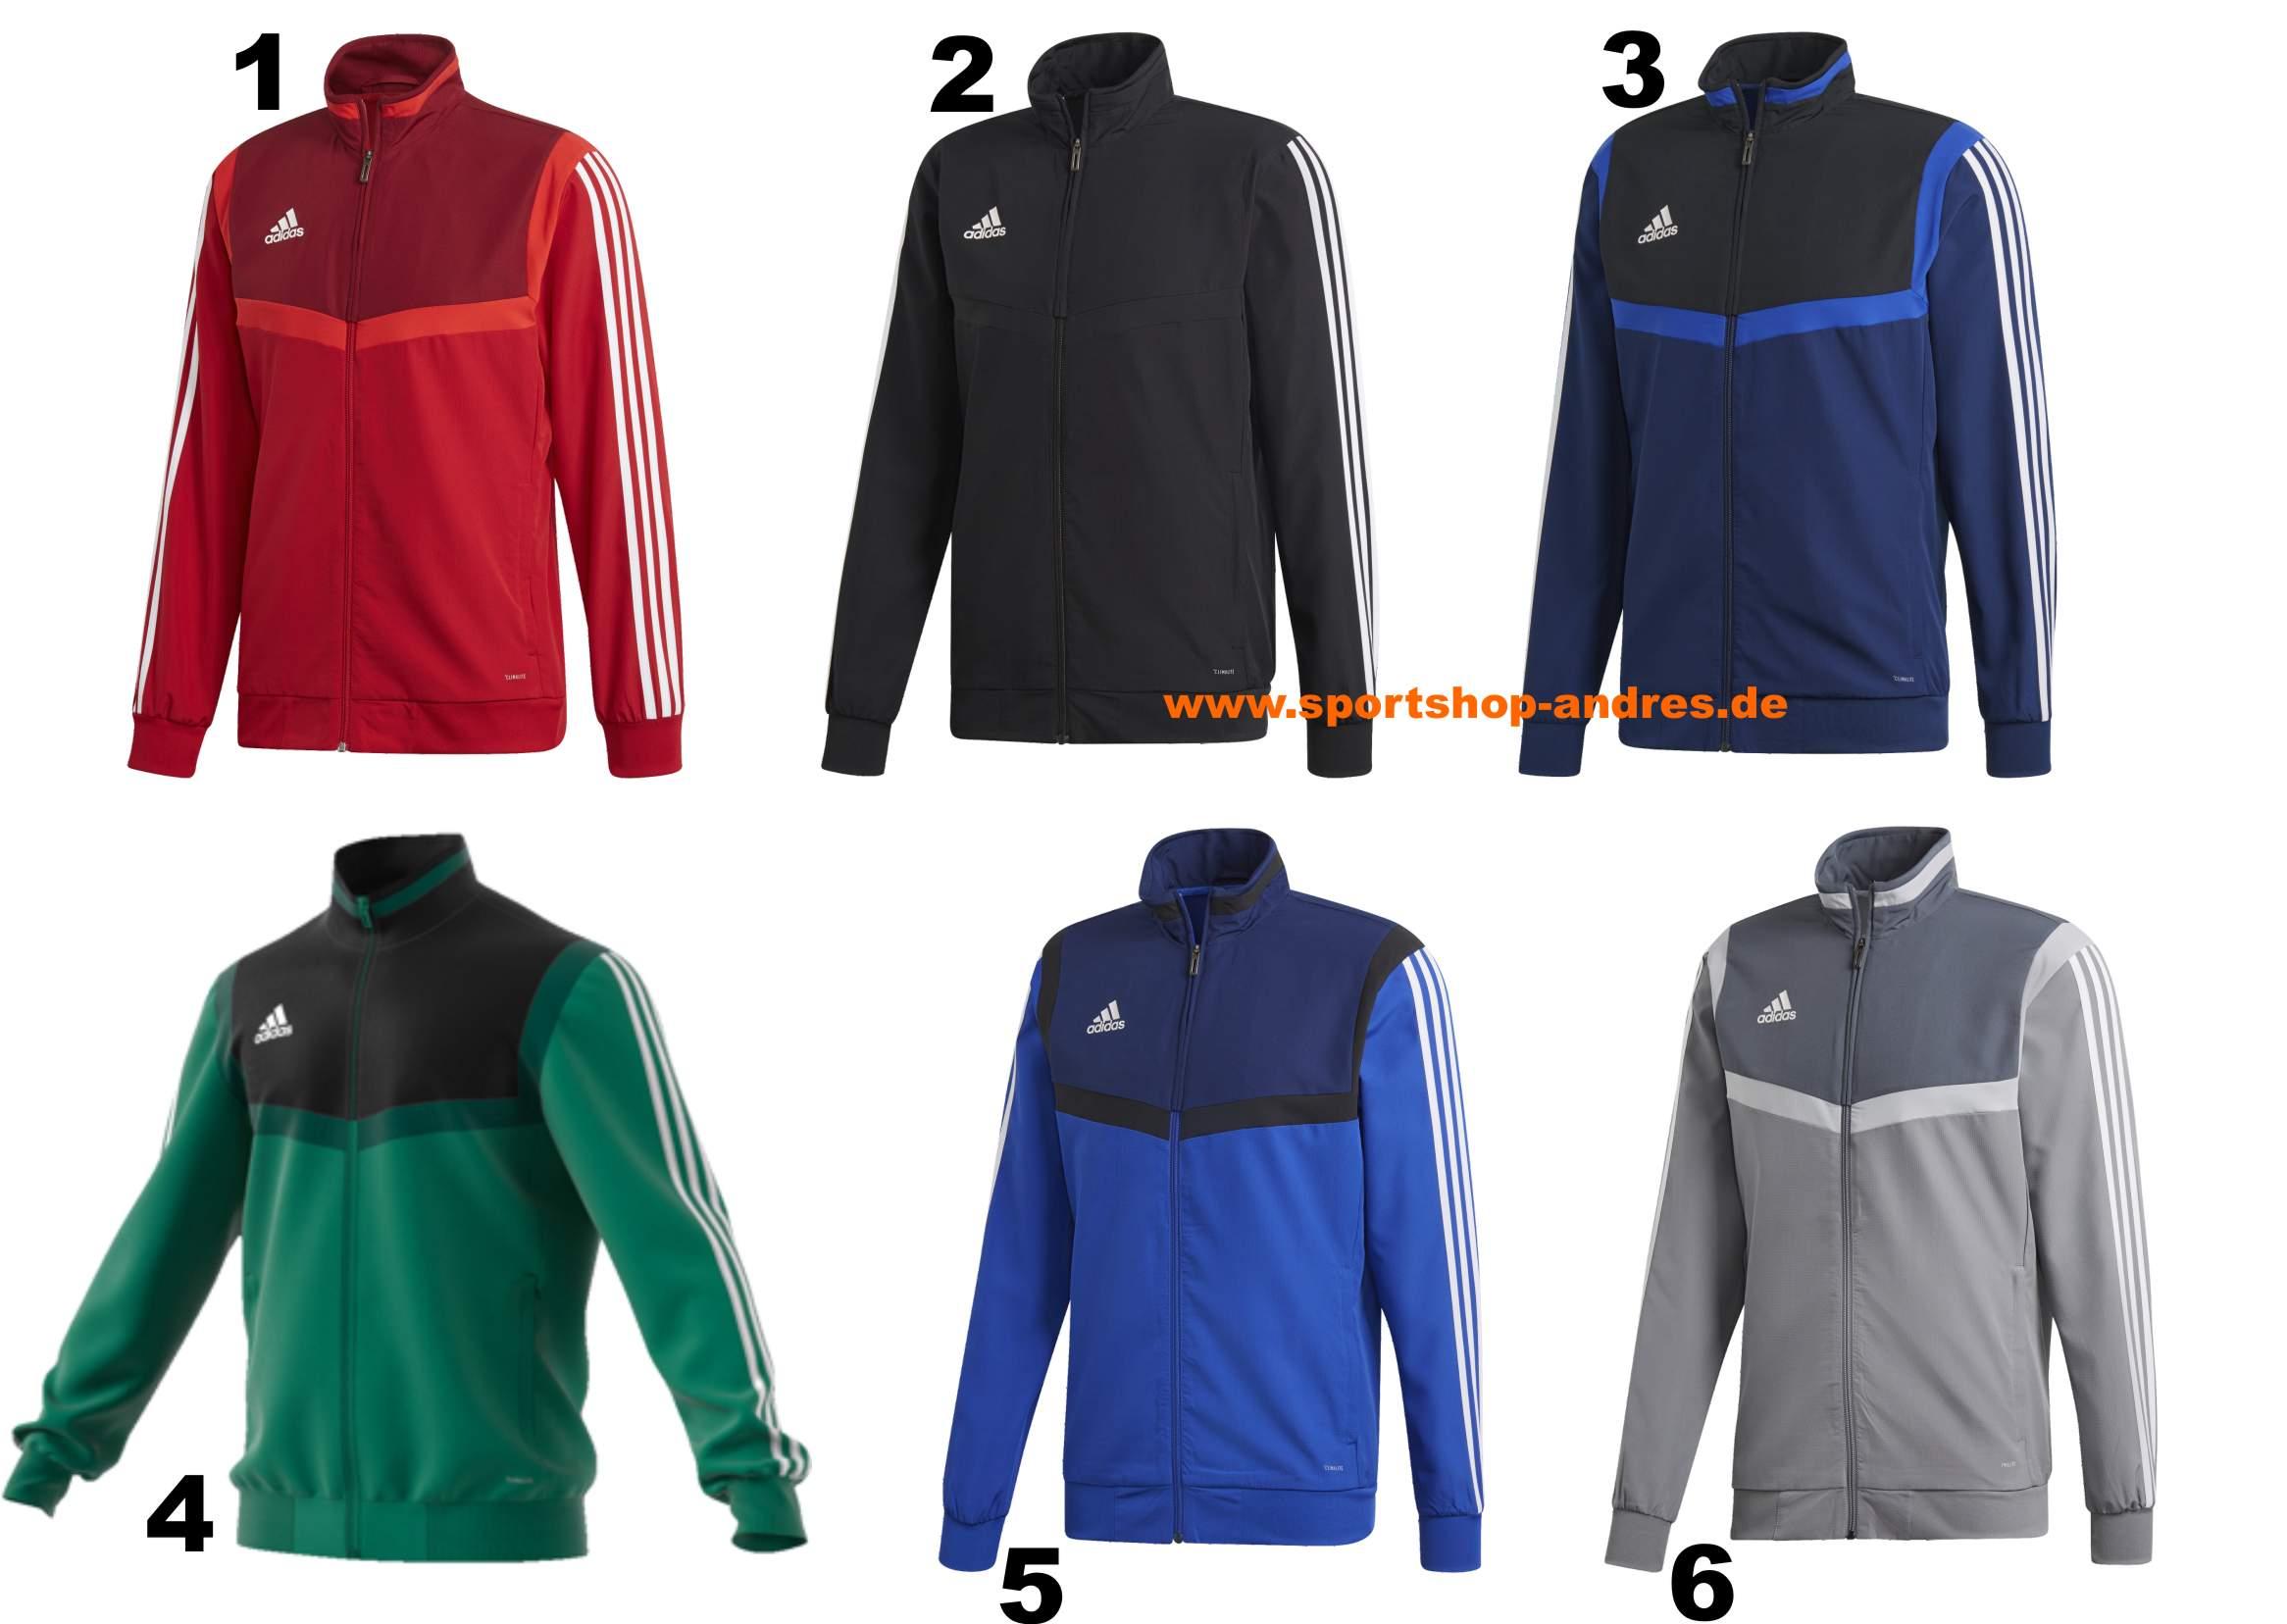 f58c9b8bf24108 Sportshop Andres - Adidas Tiro 19 Präsentationsjacke für Erwachsene ...